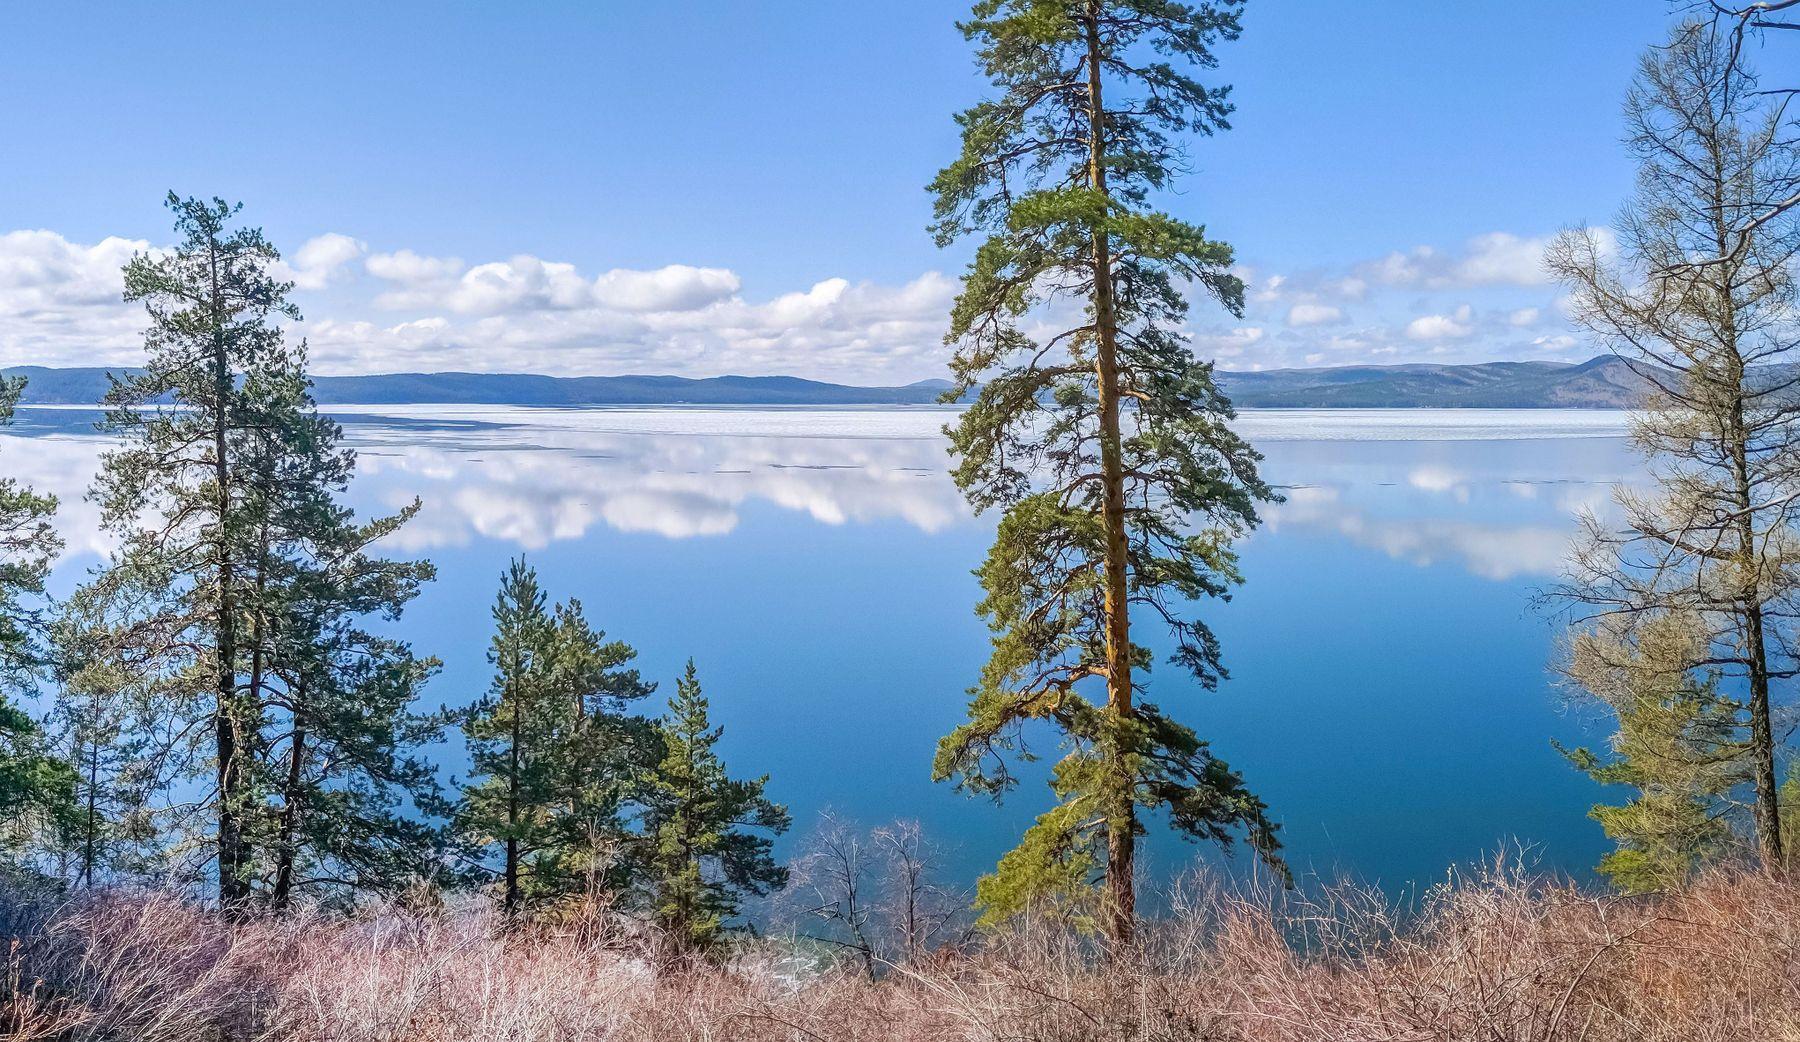 Начало Мая на озере Тургояк. Южный Урал Миасс Тургояк озеро природа весна Май